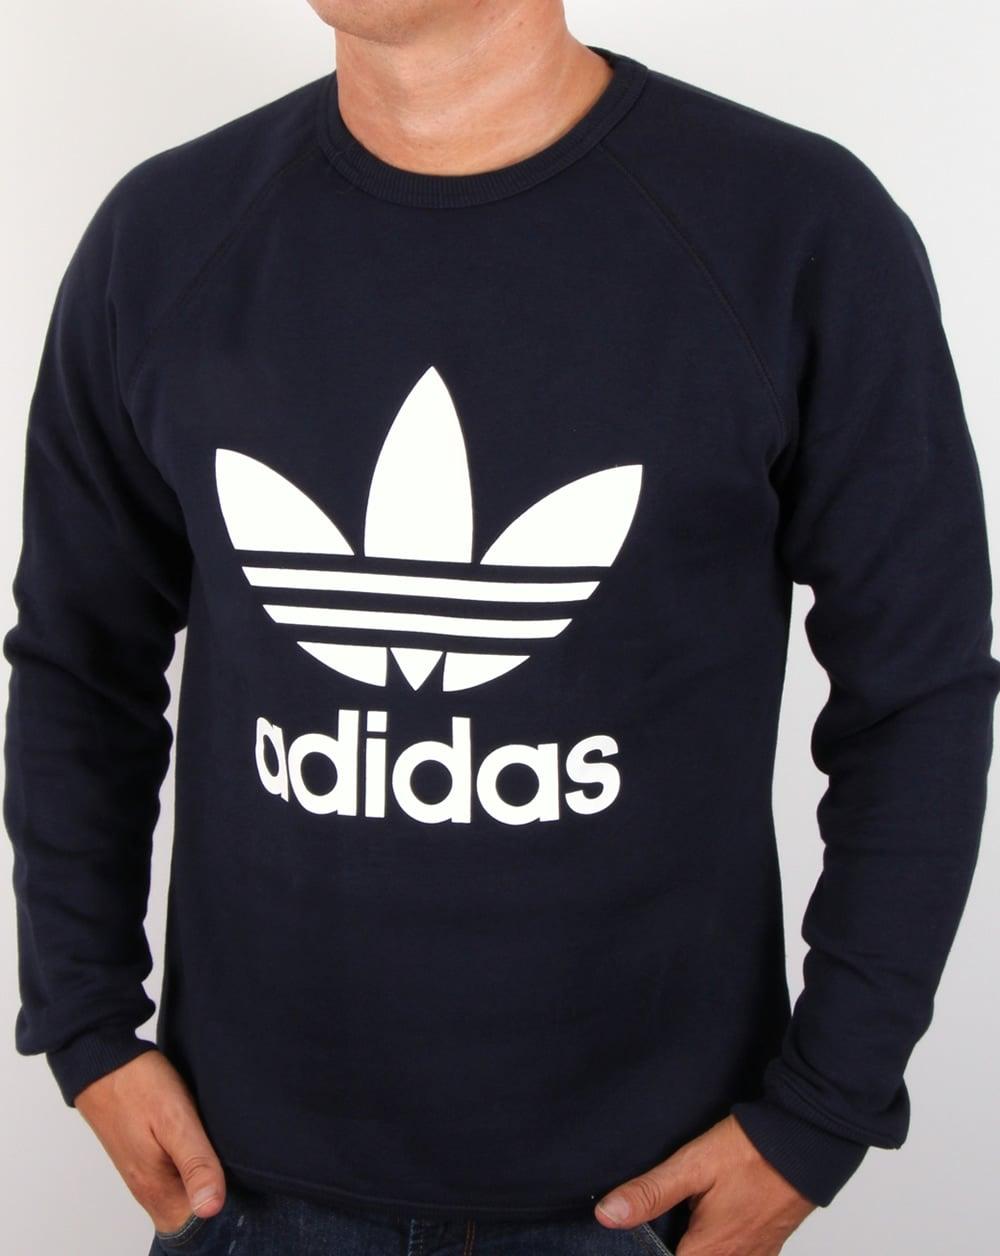 adidas sweatshirt originals